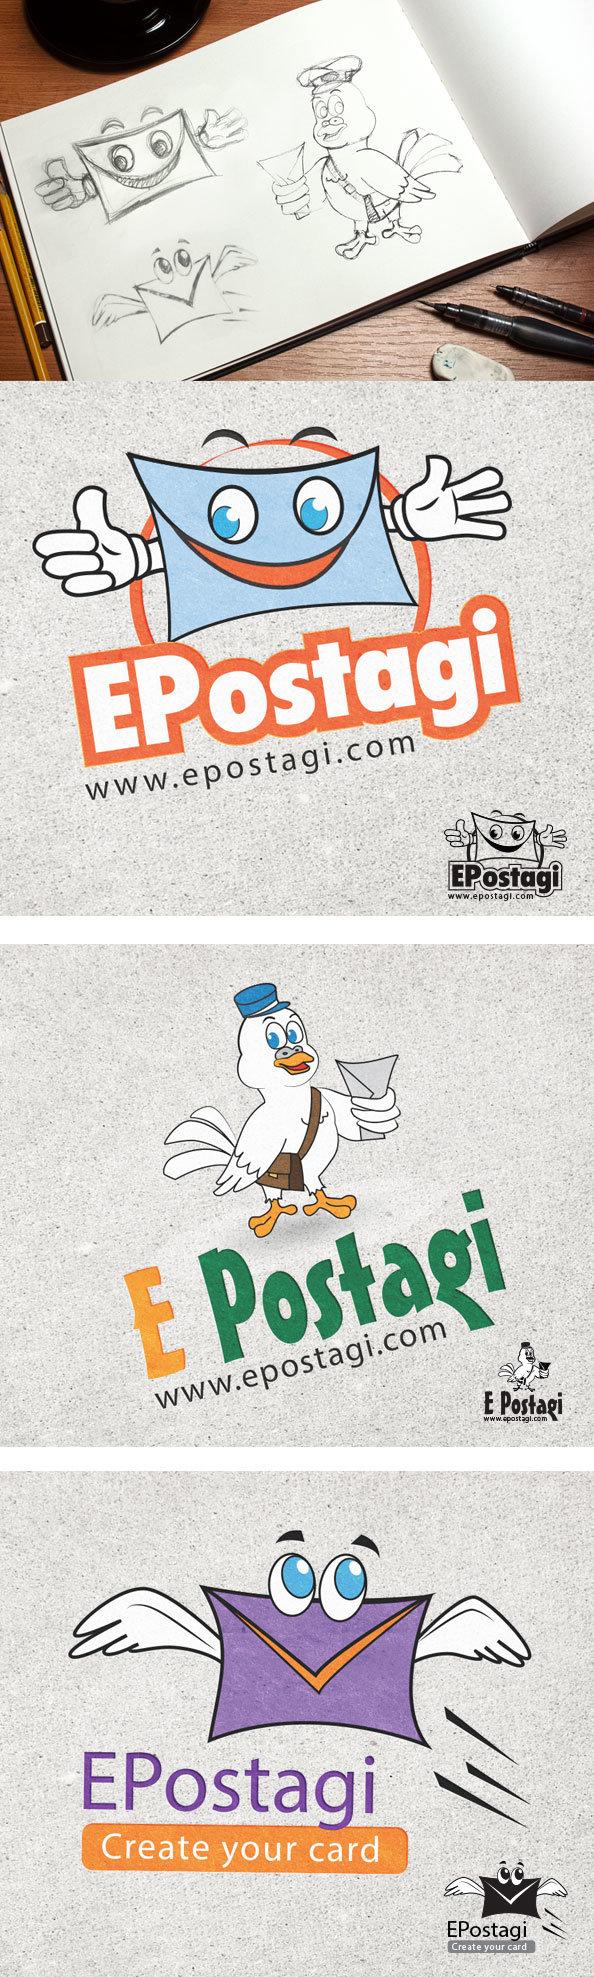 EPostagi Online Greeting Cards